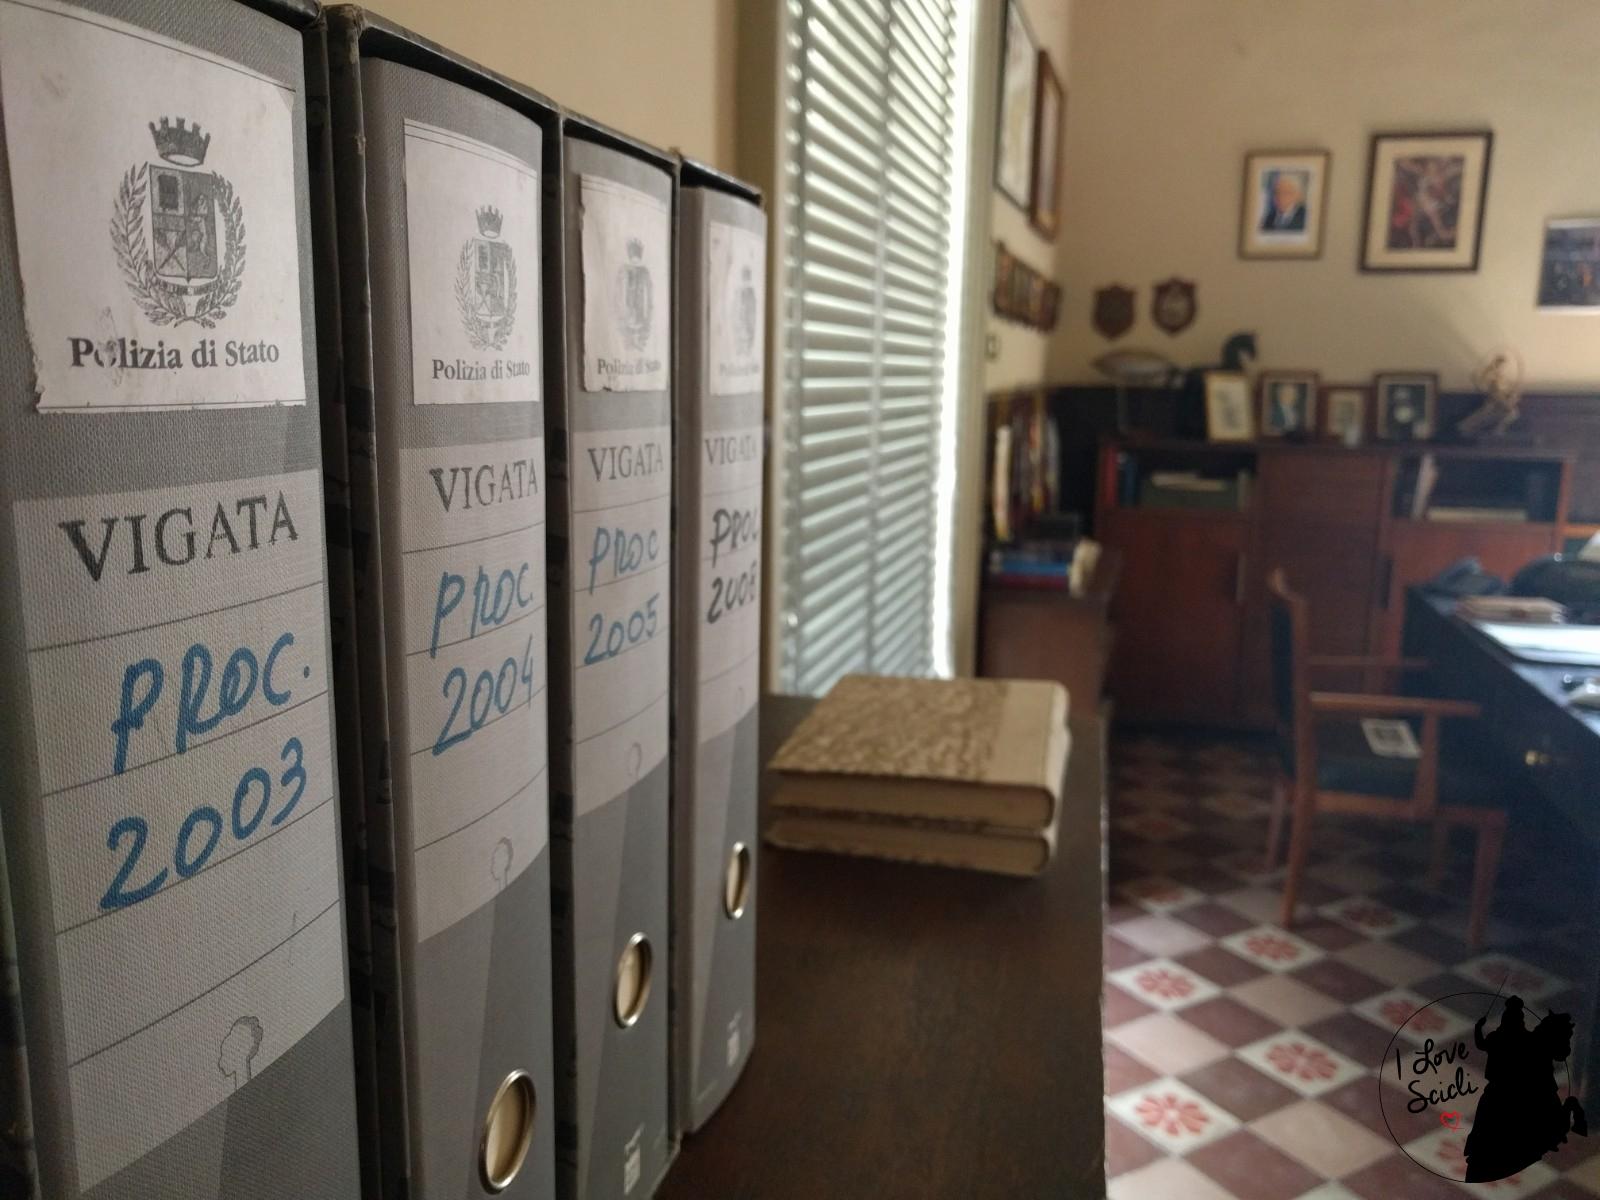 Commissariato-di-Vigata-Montalbano-set-7